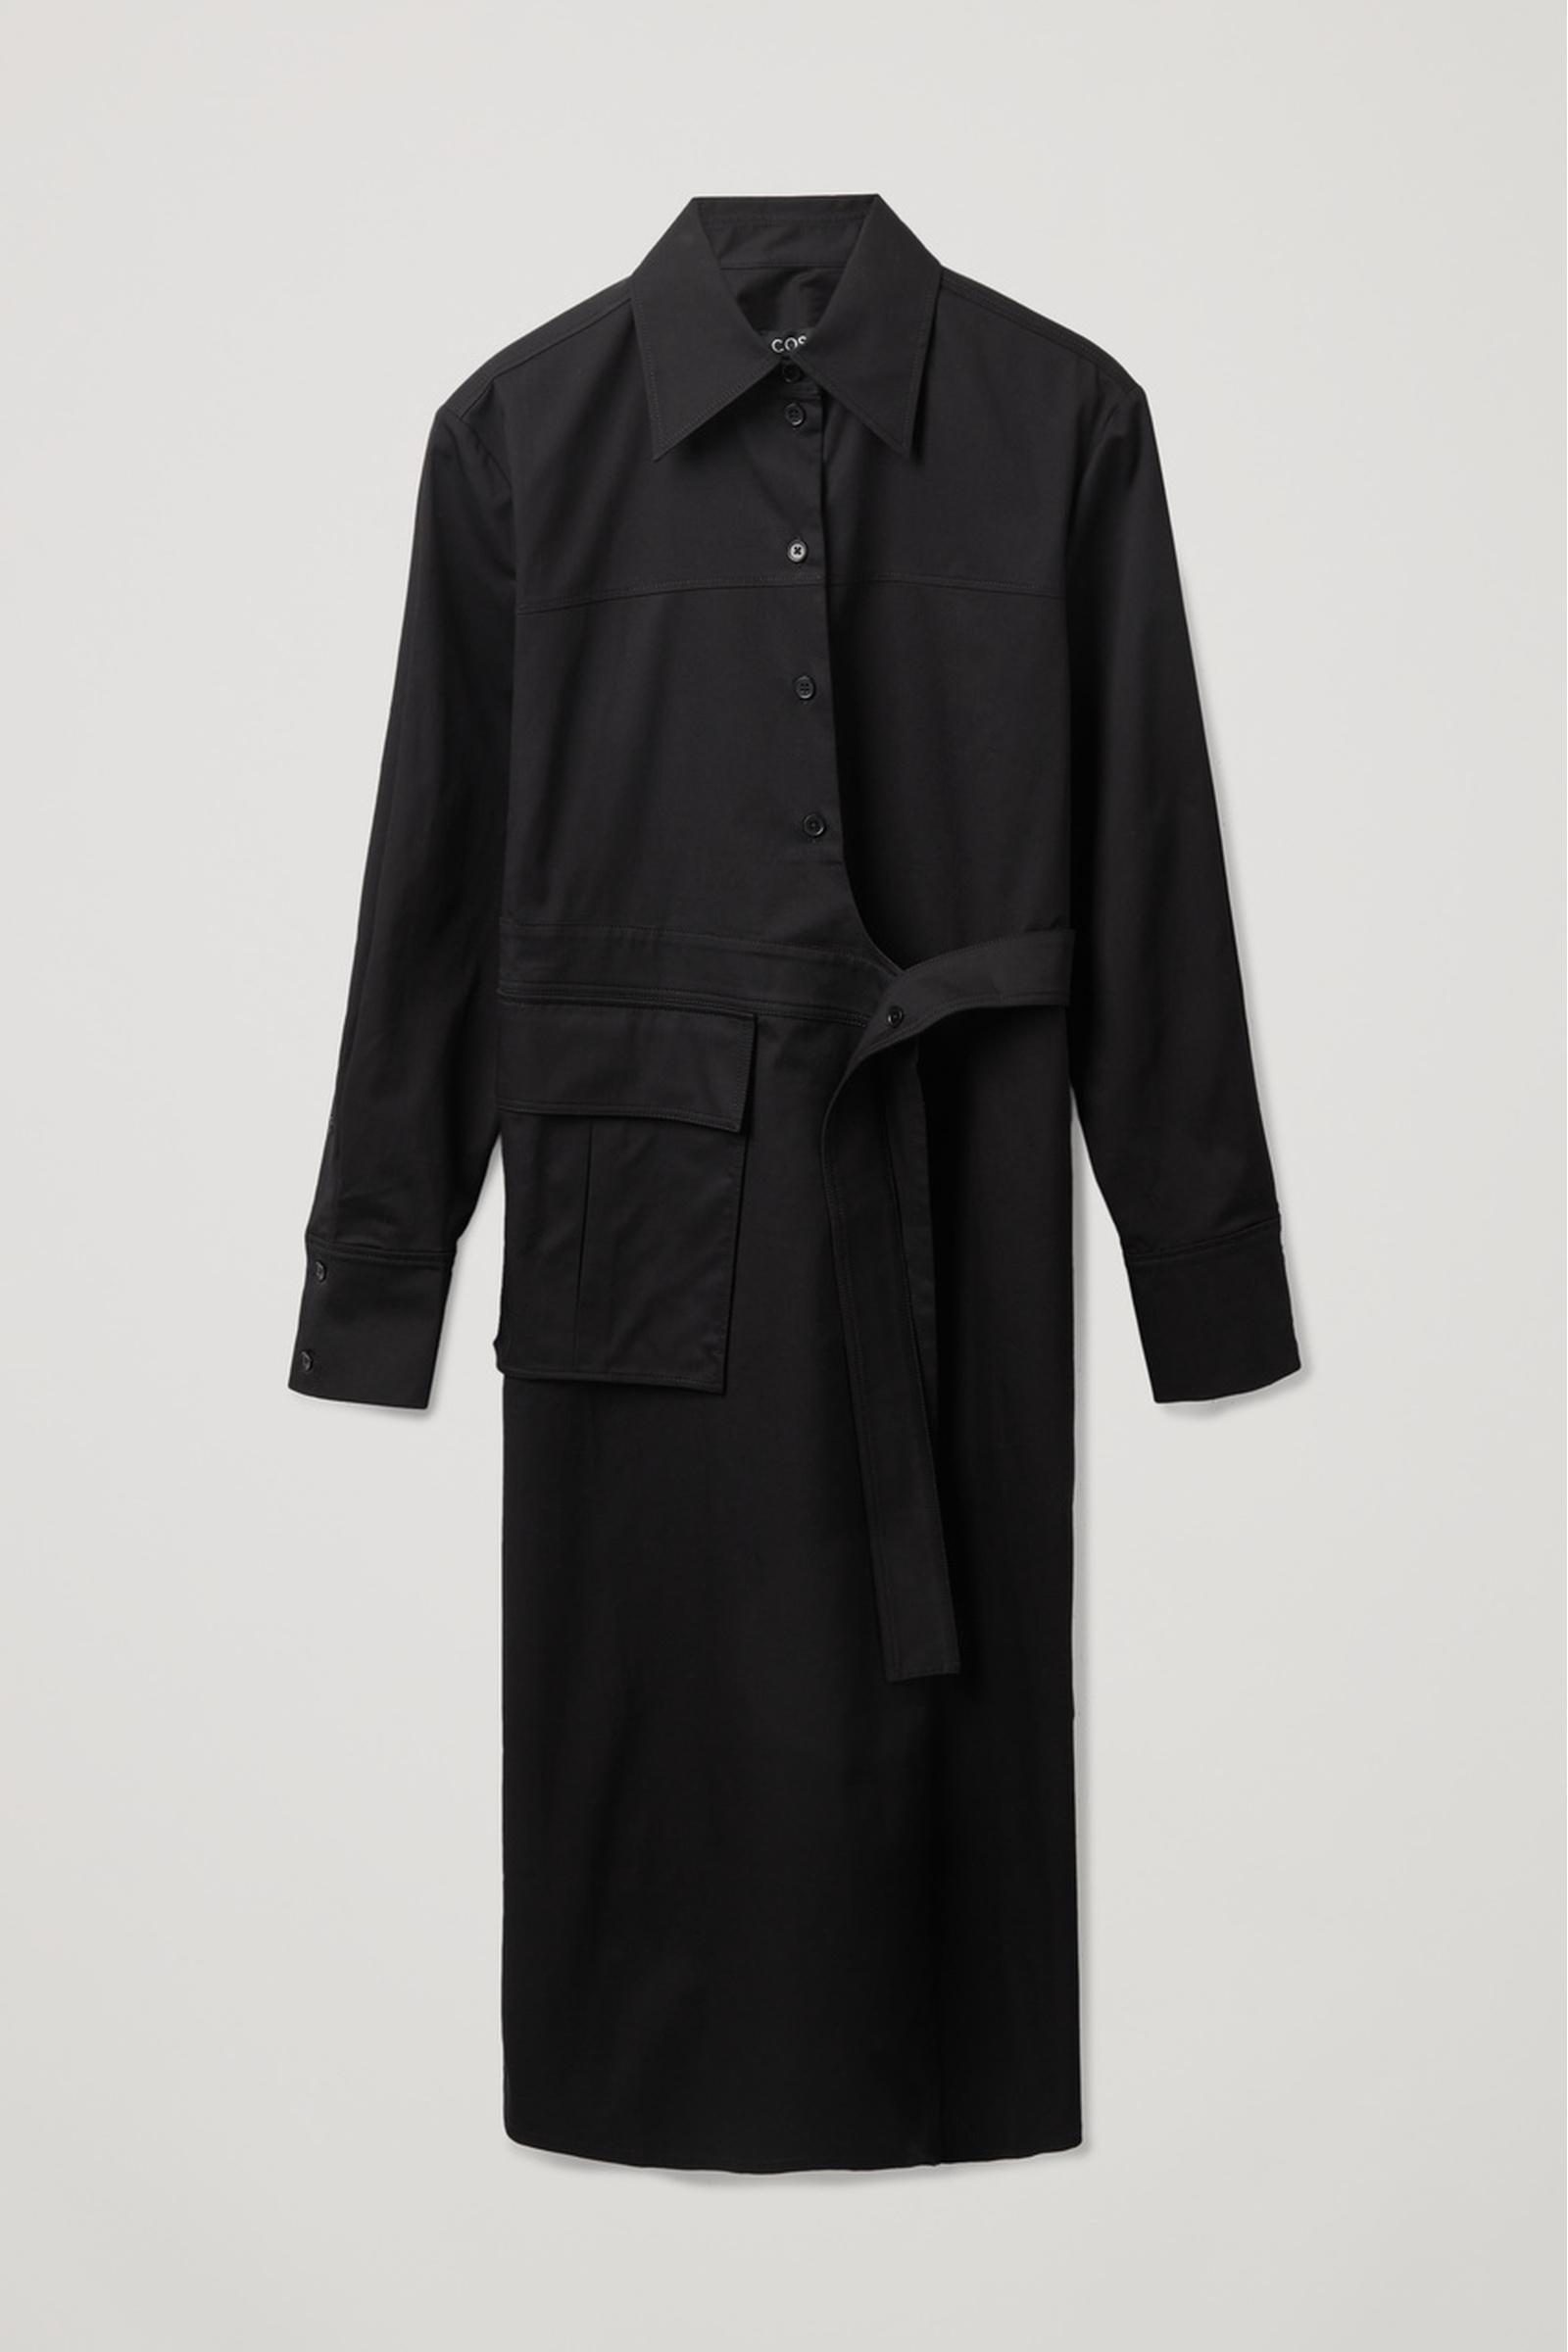 COS 벨티드 셔츠 드레스의 블랙컬러 Product입니다.